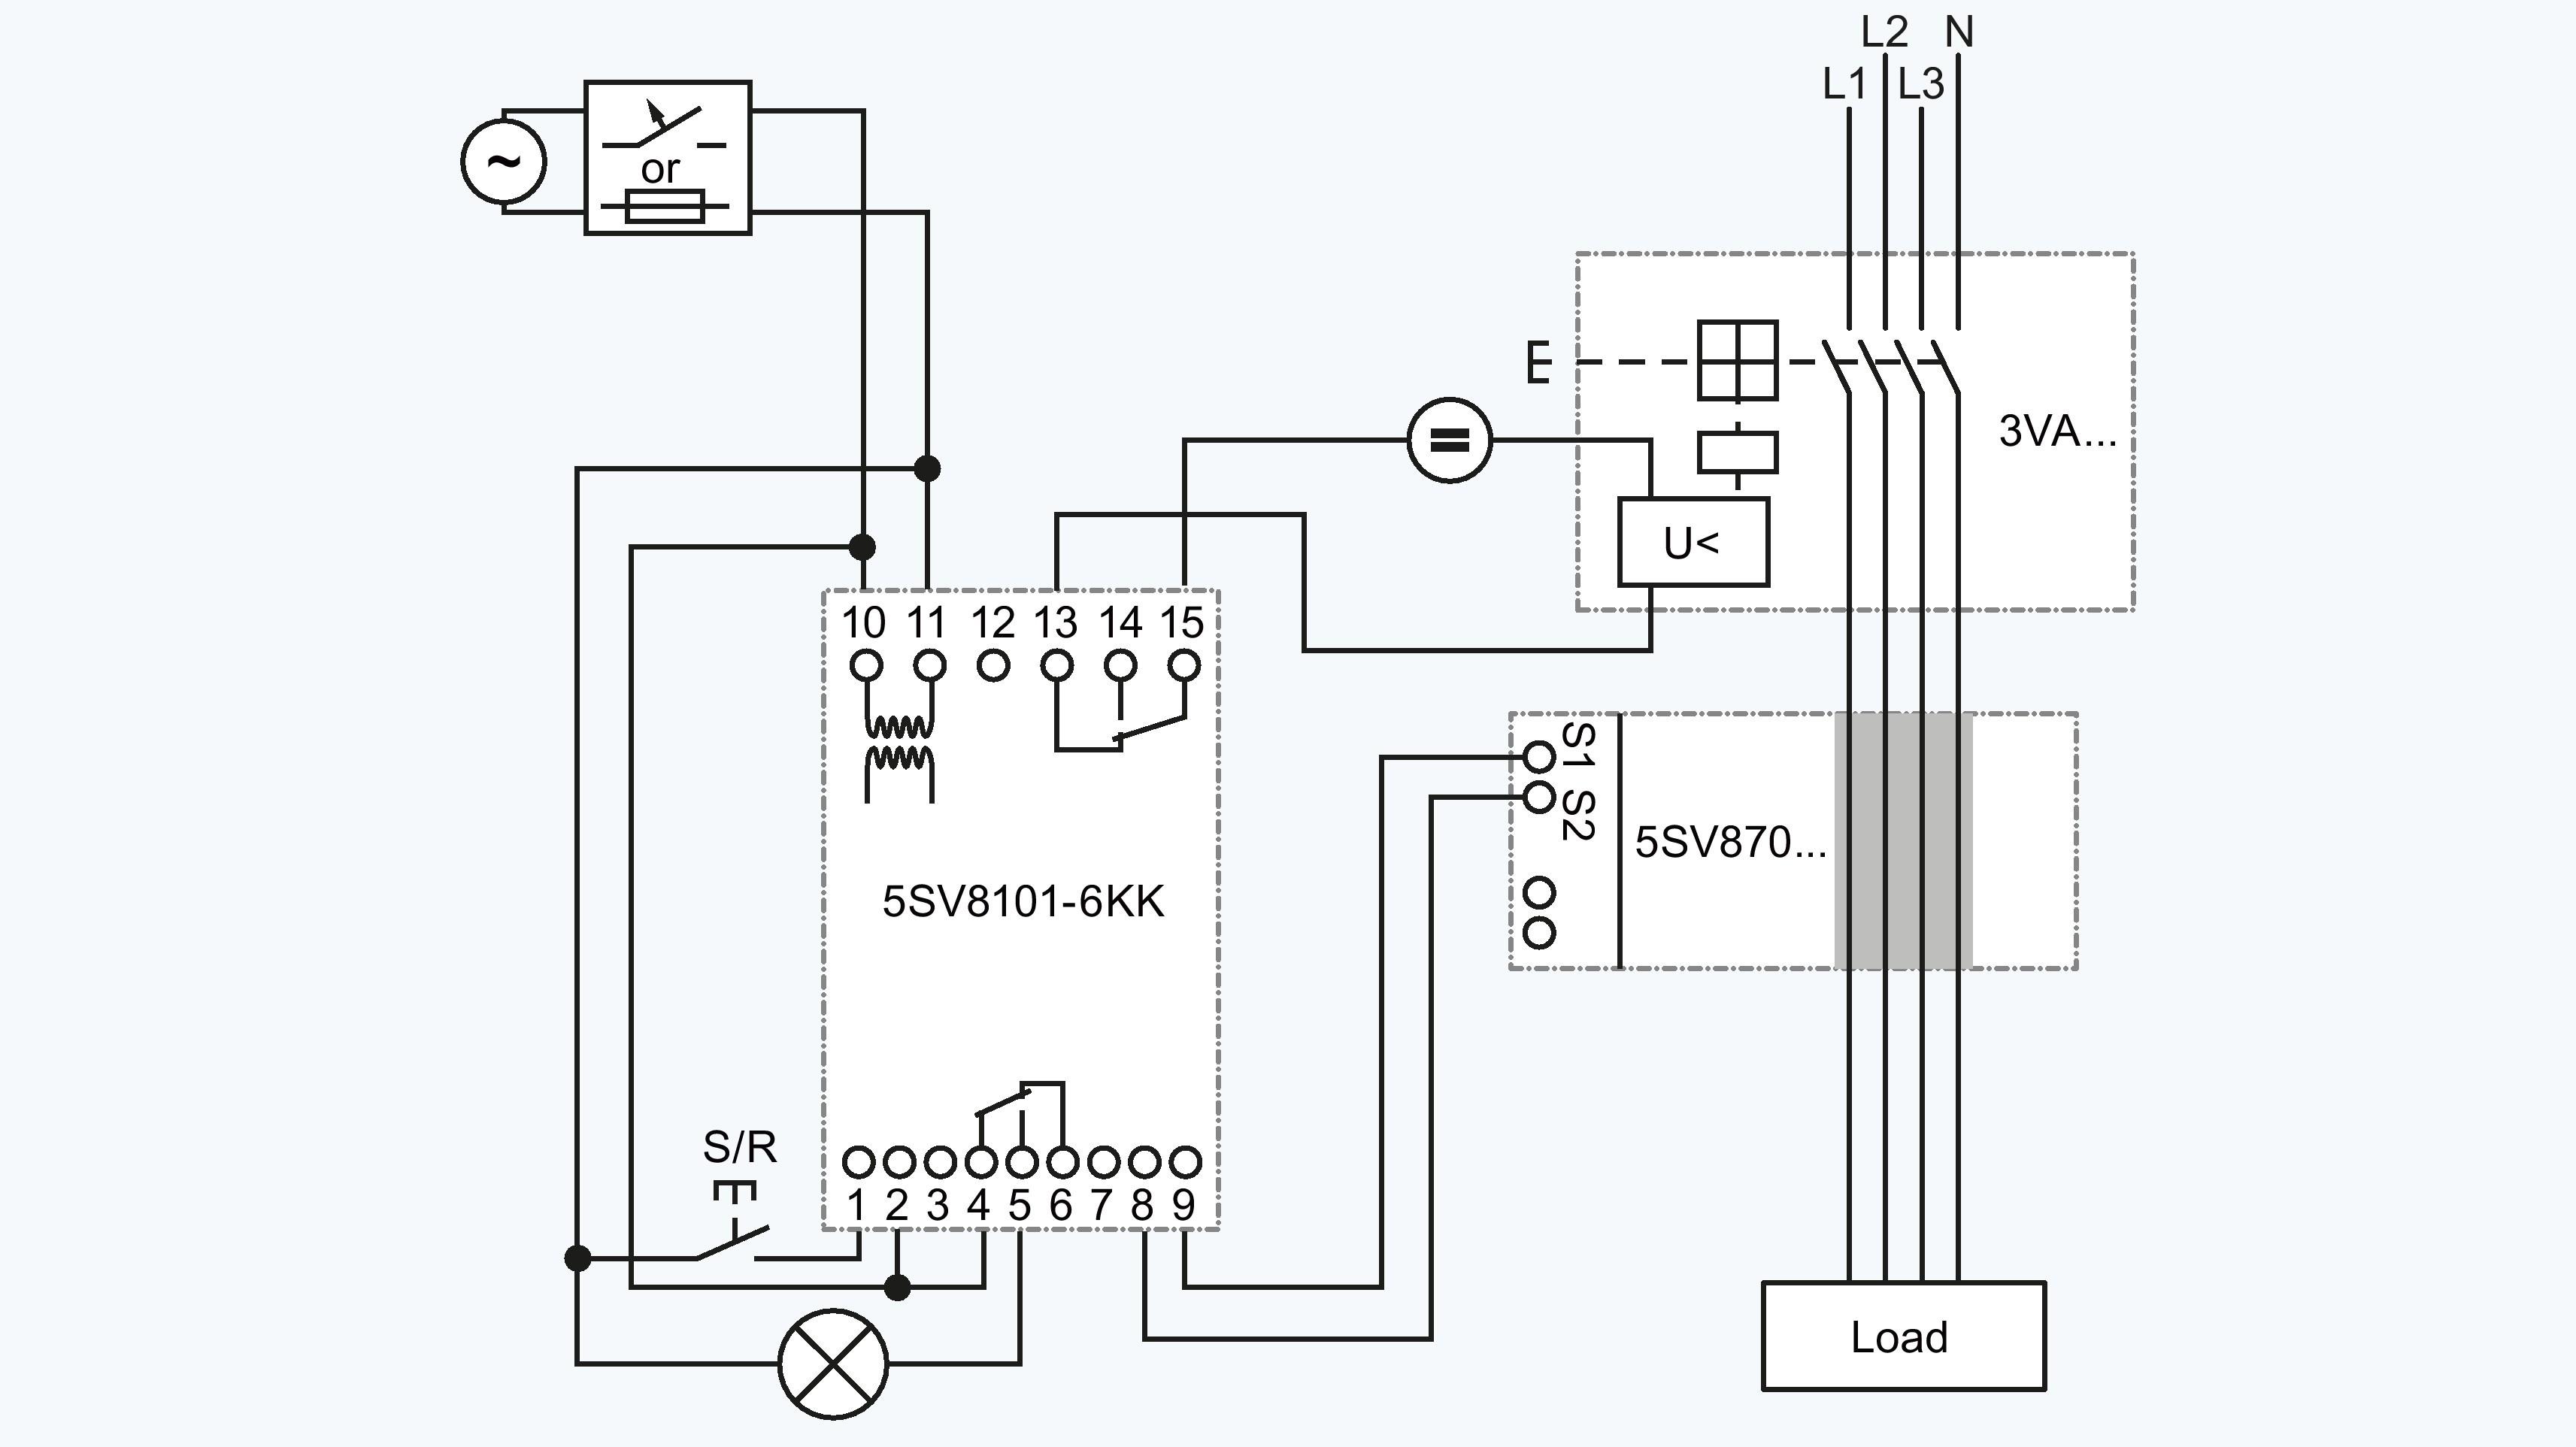 Siemens Shunt Trip Breaker Wiring Diagram My Wiring Diagram